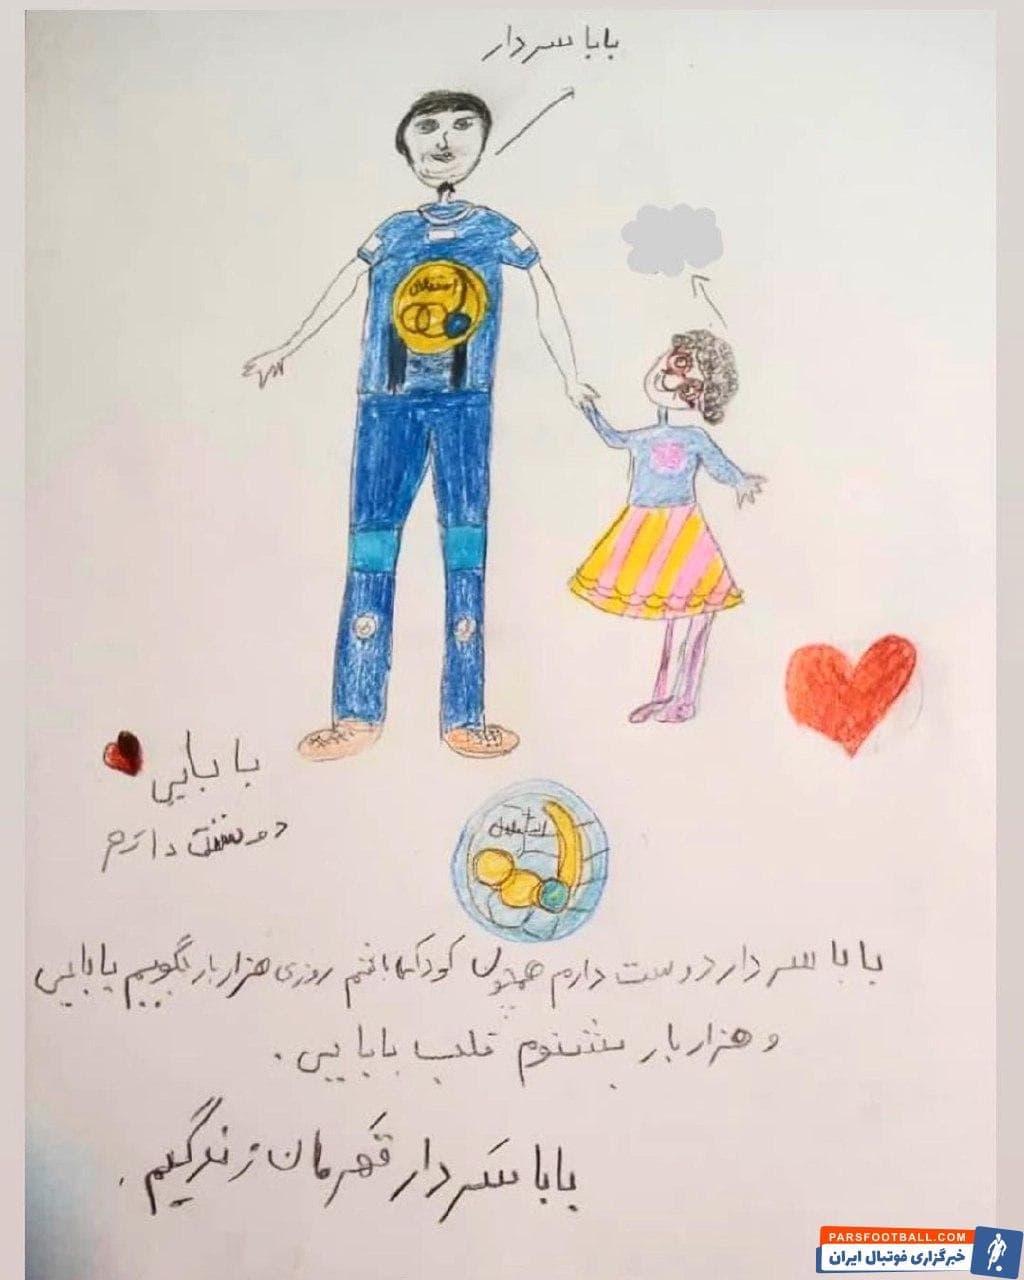 البته نکته جالبی در نقاشی دختر خوانده سردار آزمون به چشم می خورد، او مهاجم ایرانی تیم زنیت را در لباس تیم استقلال نقاشی کرده است.